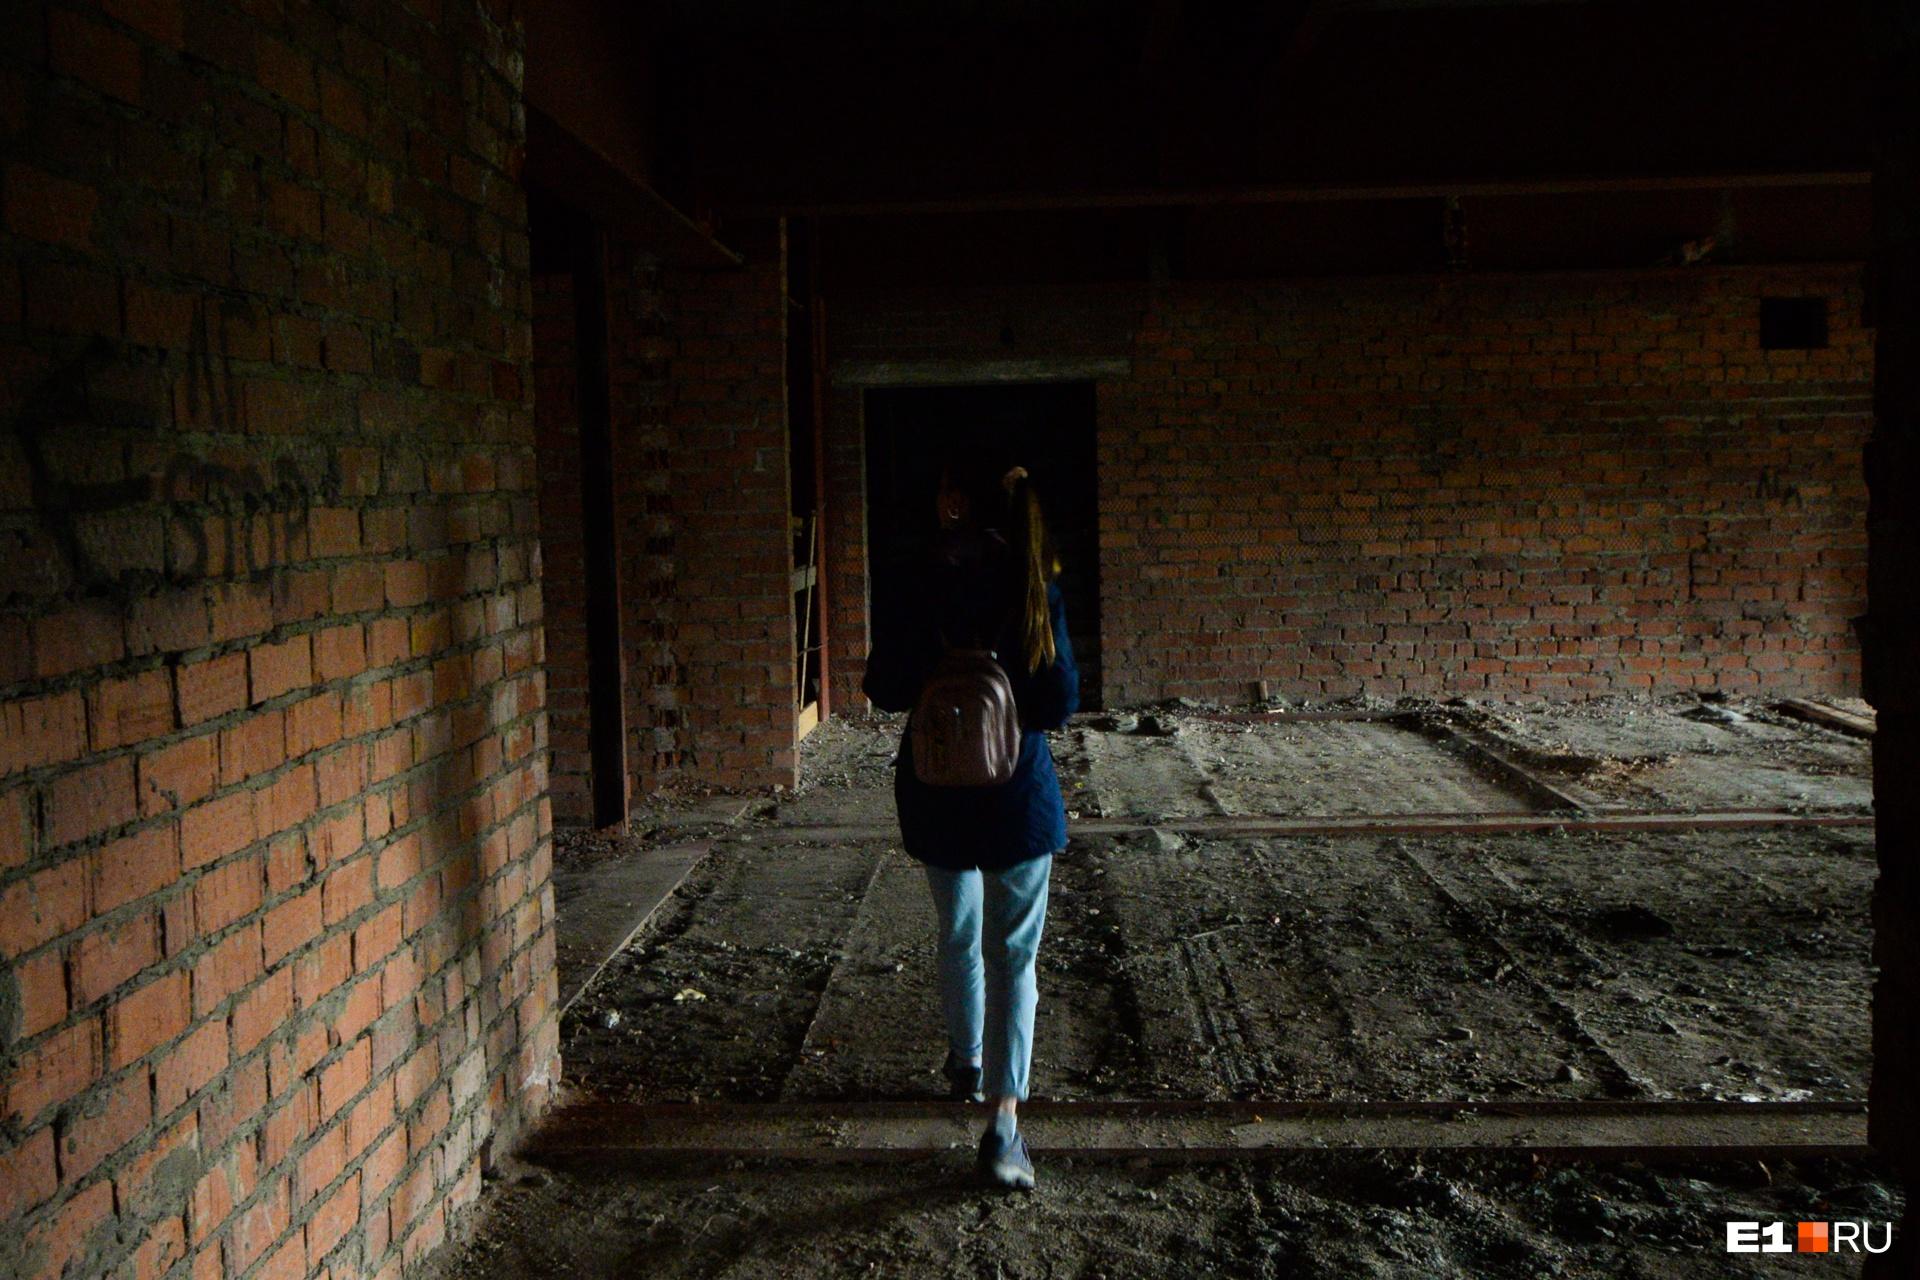 Идем искать лестницу на следующие этажи. На самом деле это несложно. Лестниц две, они находятся справа и слева